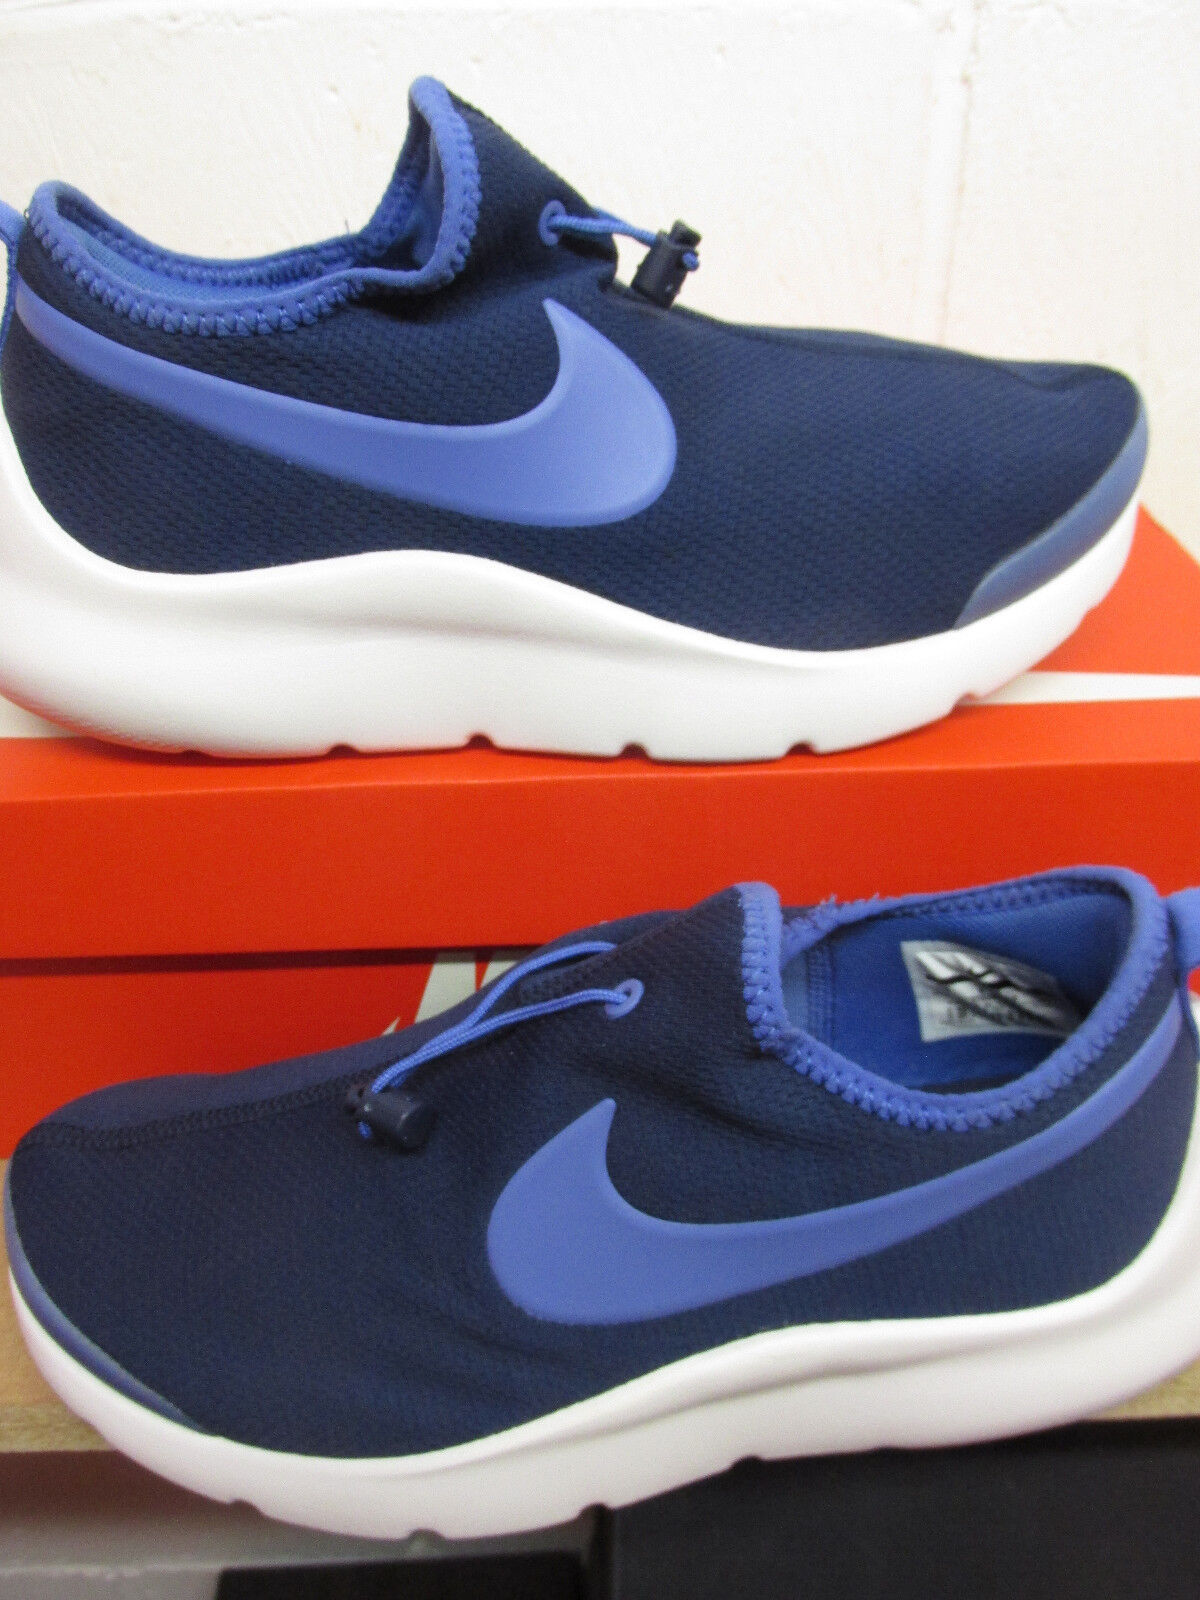 Nike Aptare Herren Essential Herren Aptare Laufschuhe 876386 400 Turnschuhe 895add